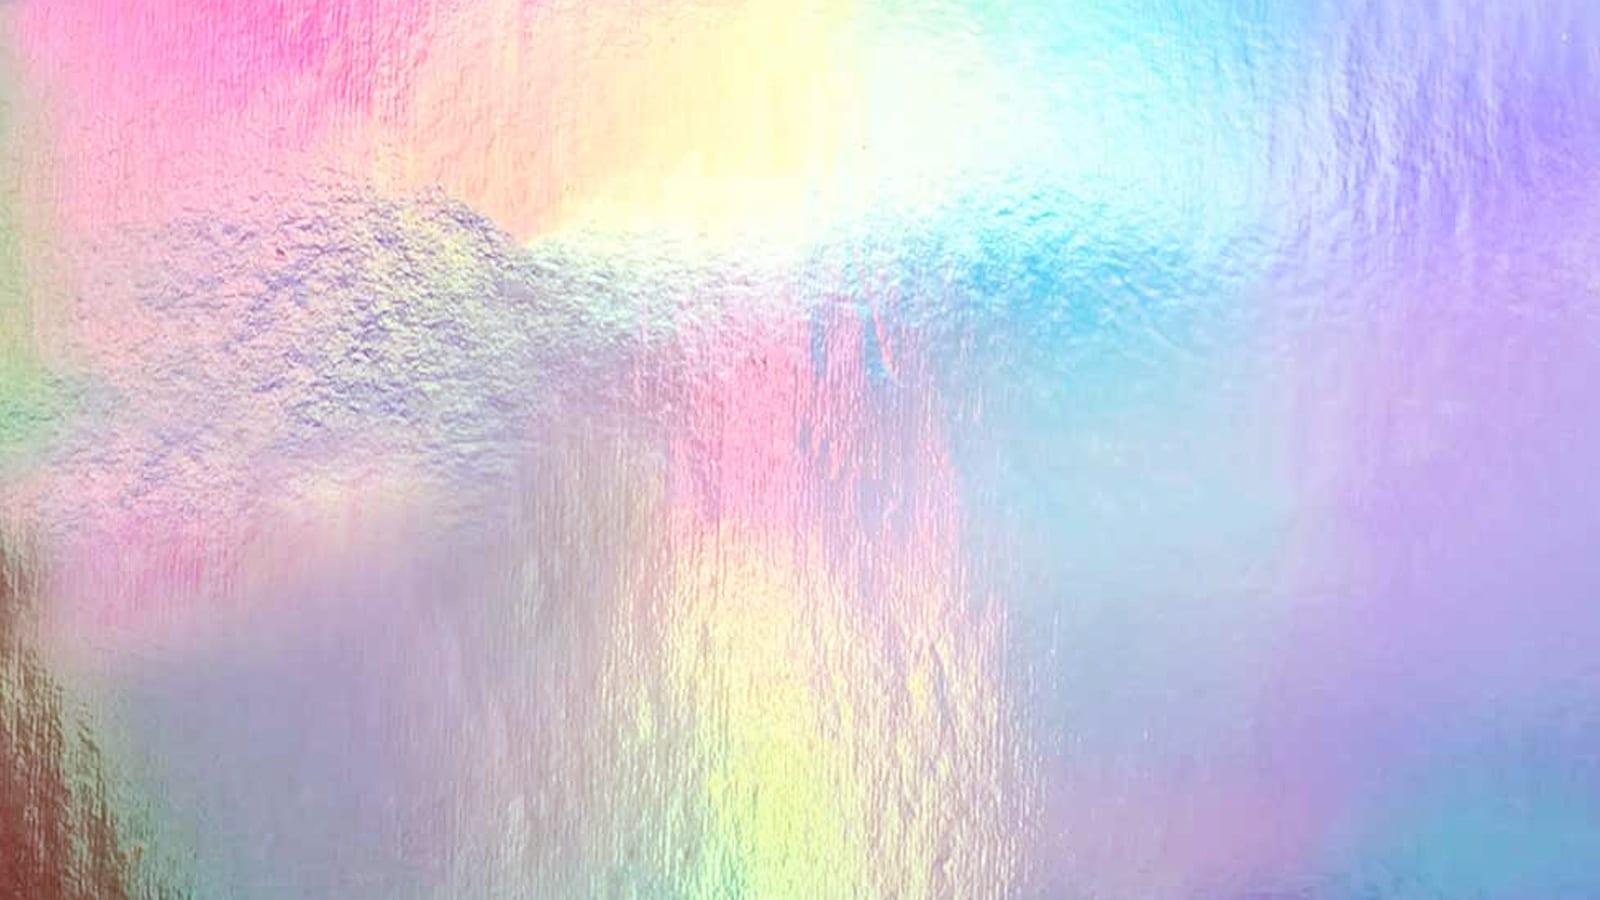 holographic-foil